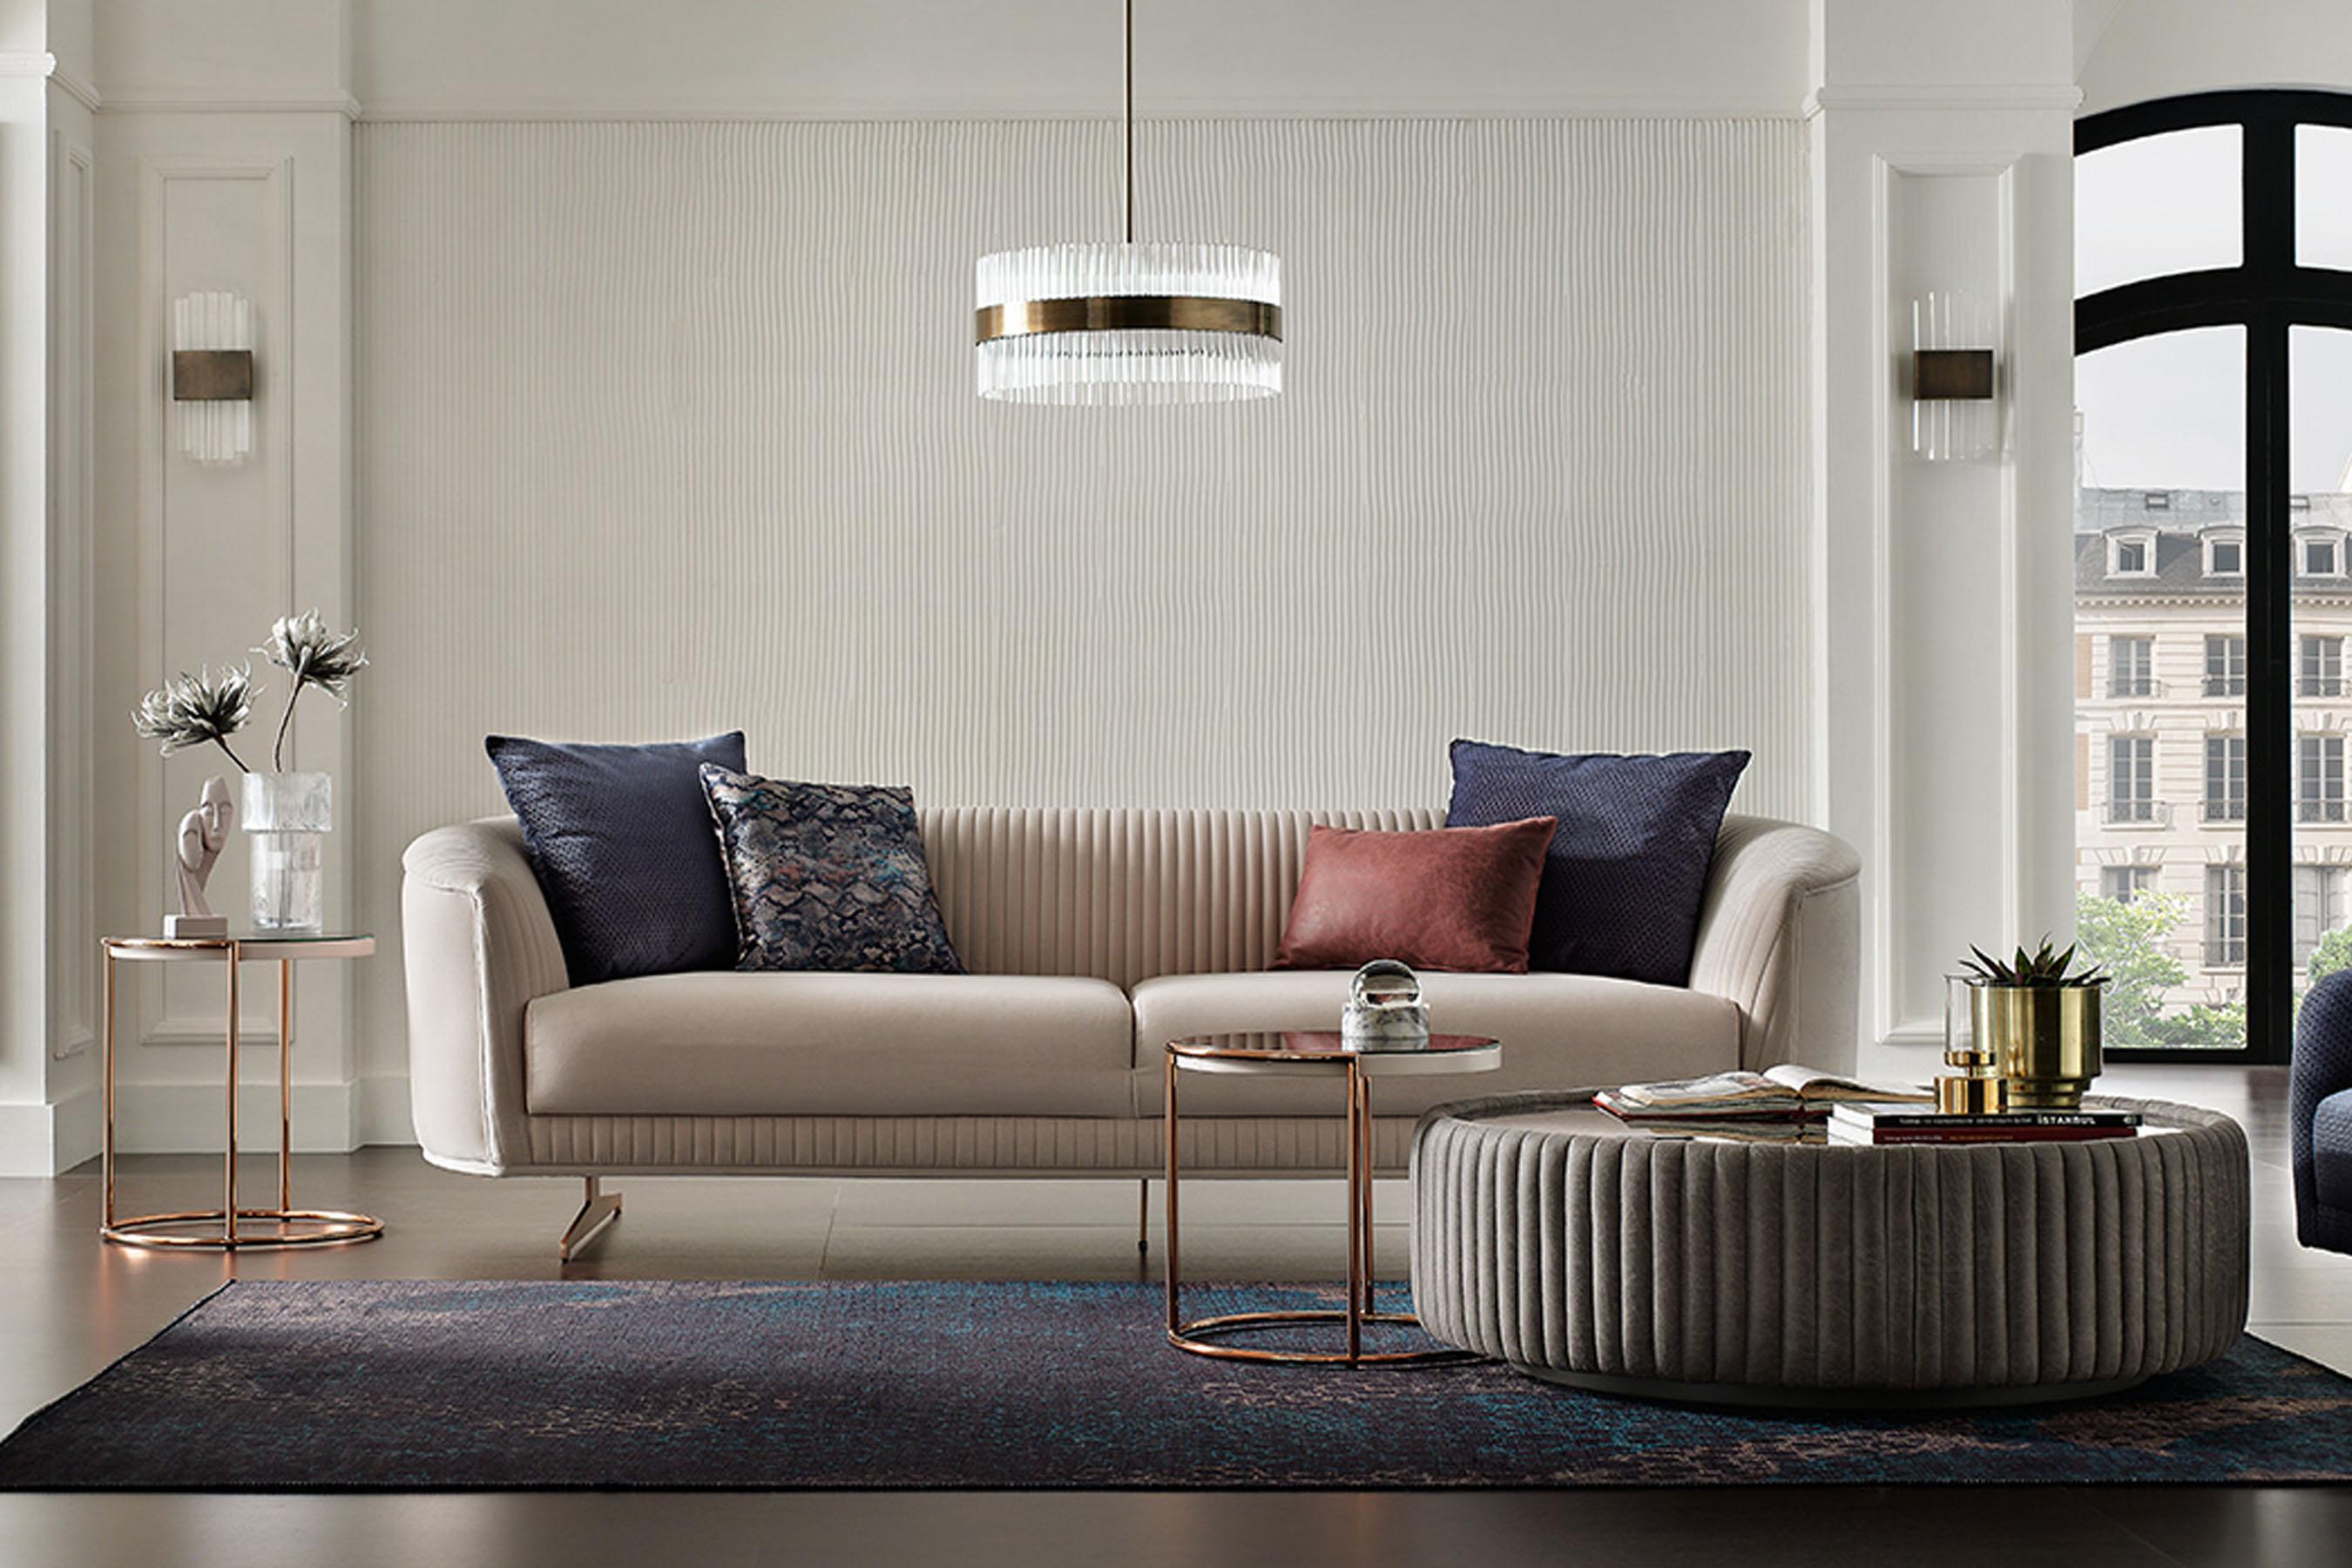 Trendy sofas